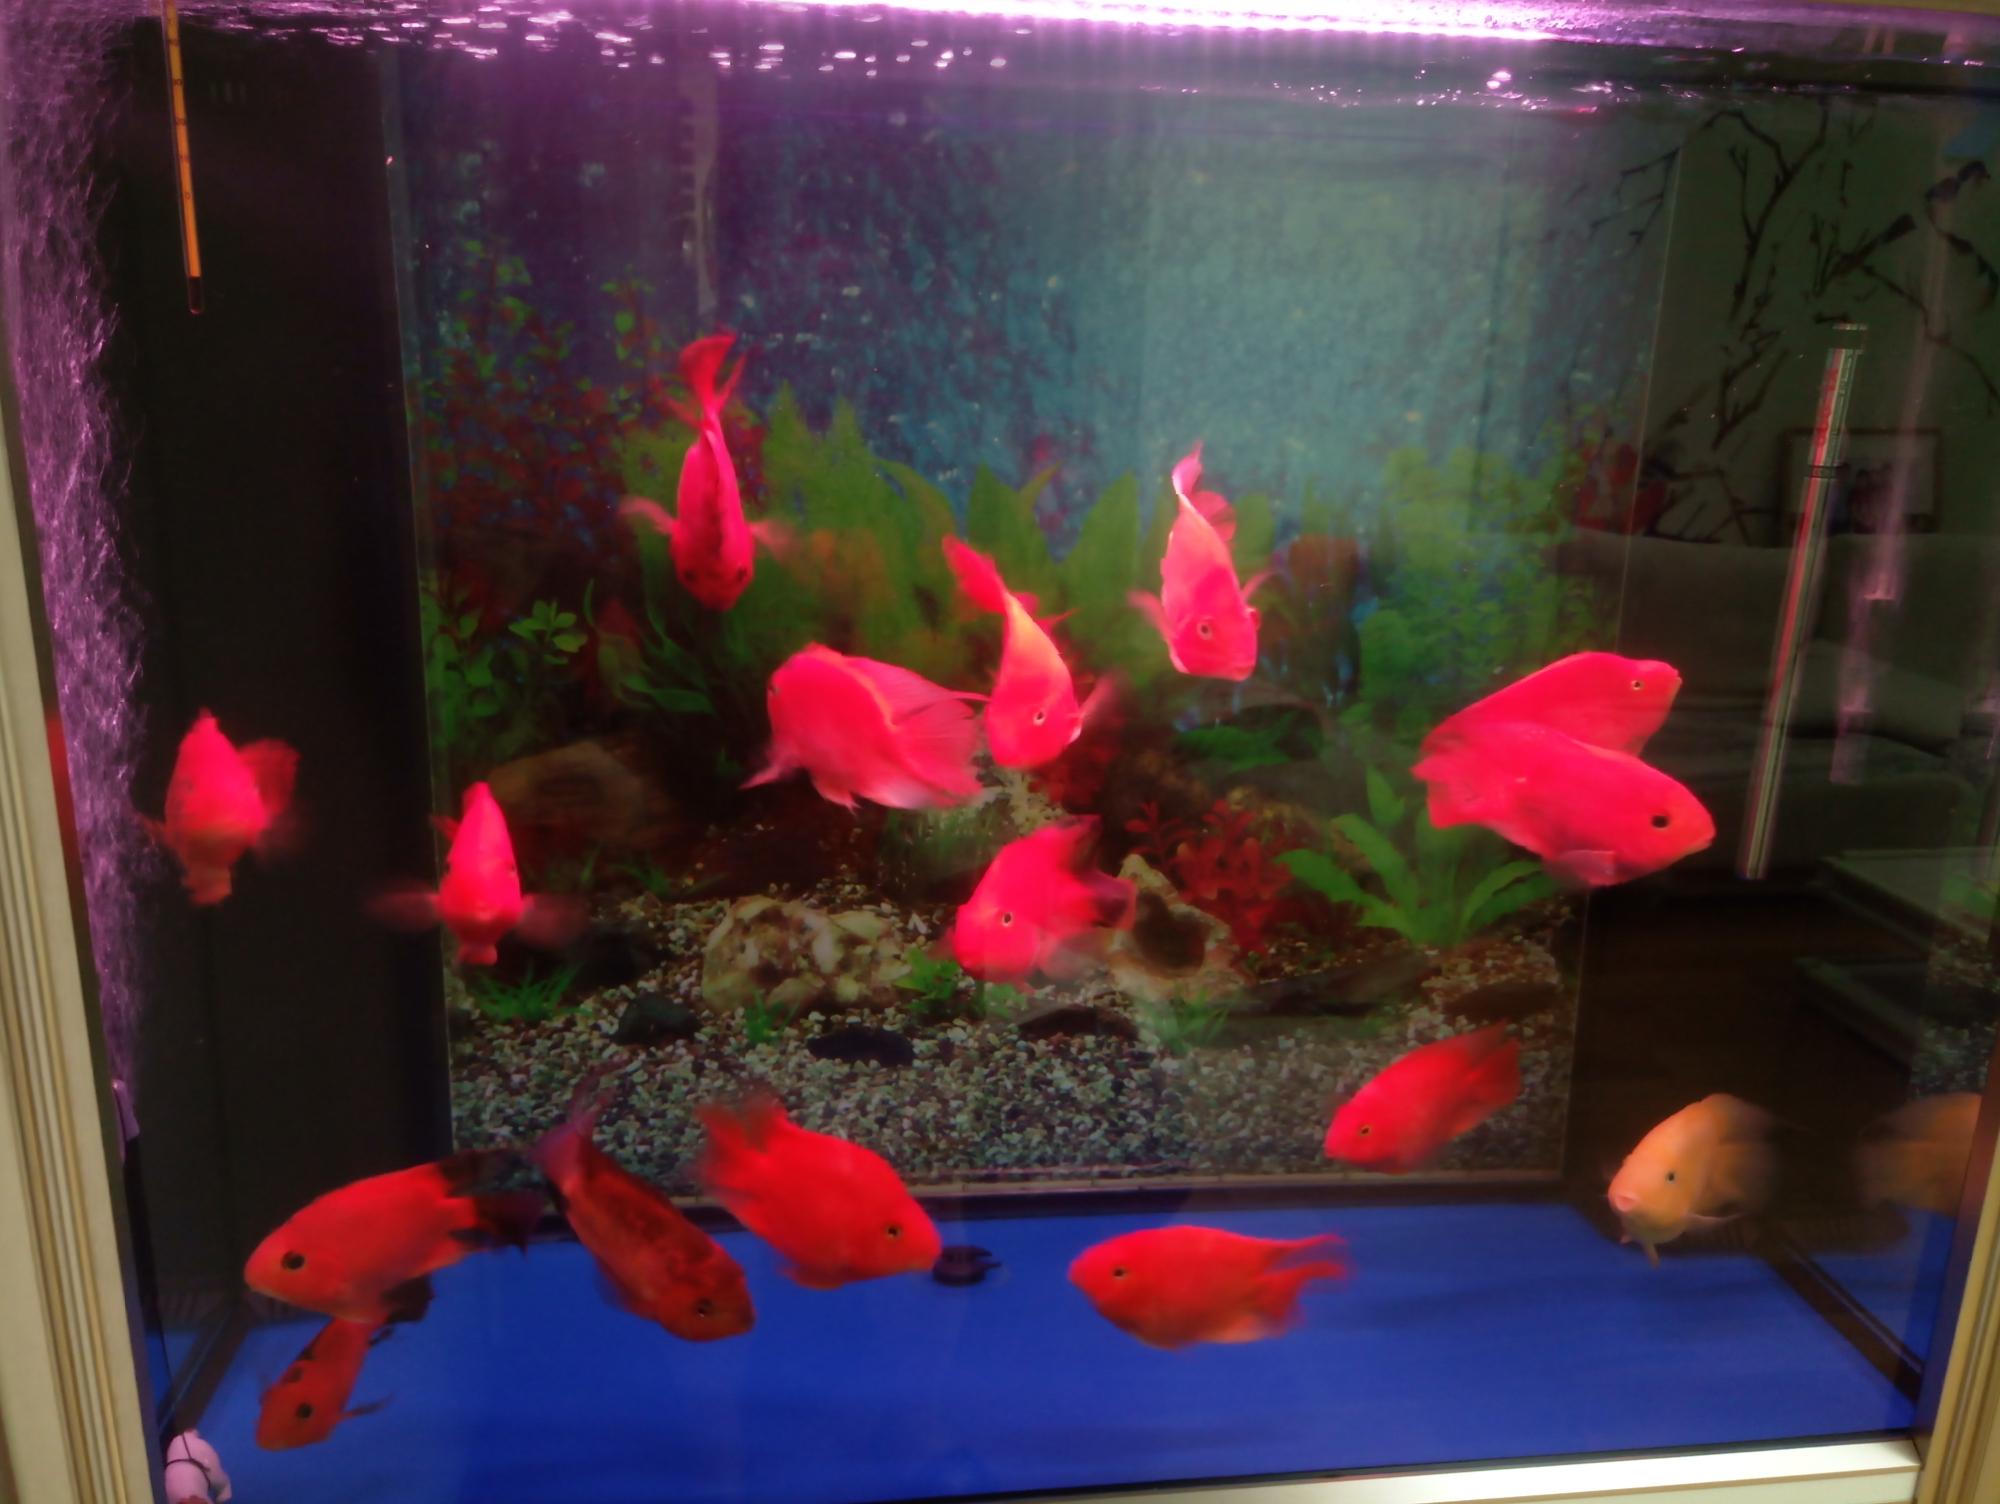 如何清理底滤鱼缸下面堆积的鱼粪 北京龙鱼论坛 北京龙鱼第1张